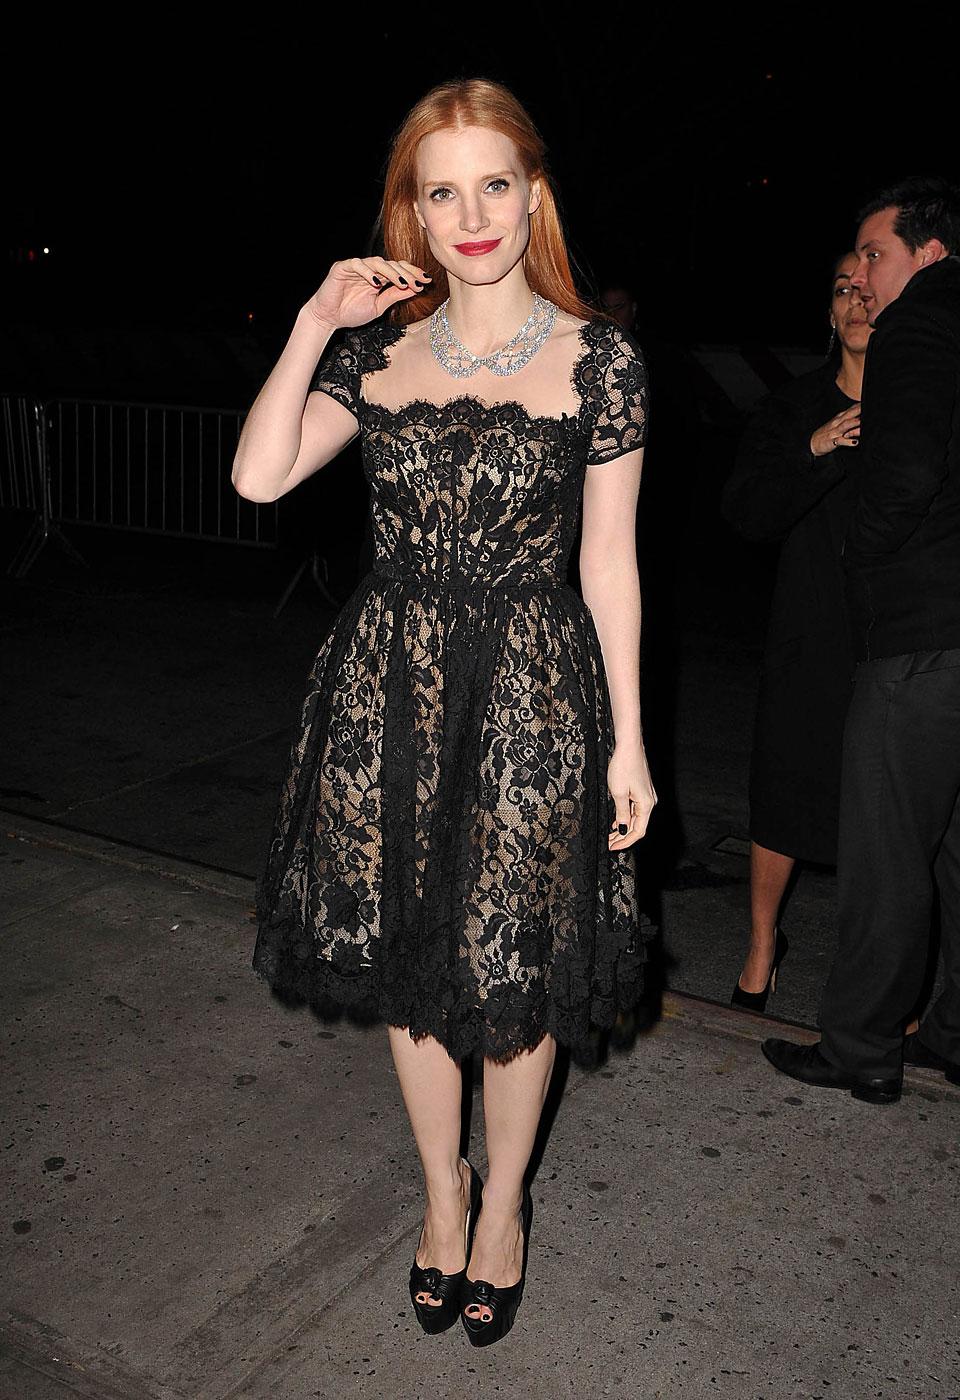 Jessica Chastain wears Oscar de la Renta on January 7, 2013 in New York City.